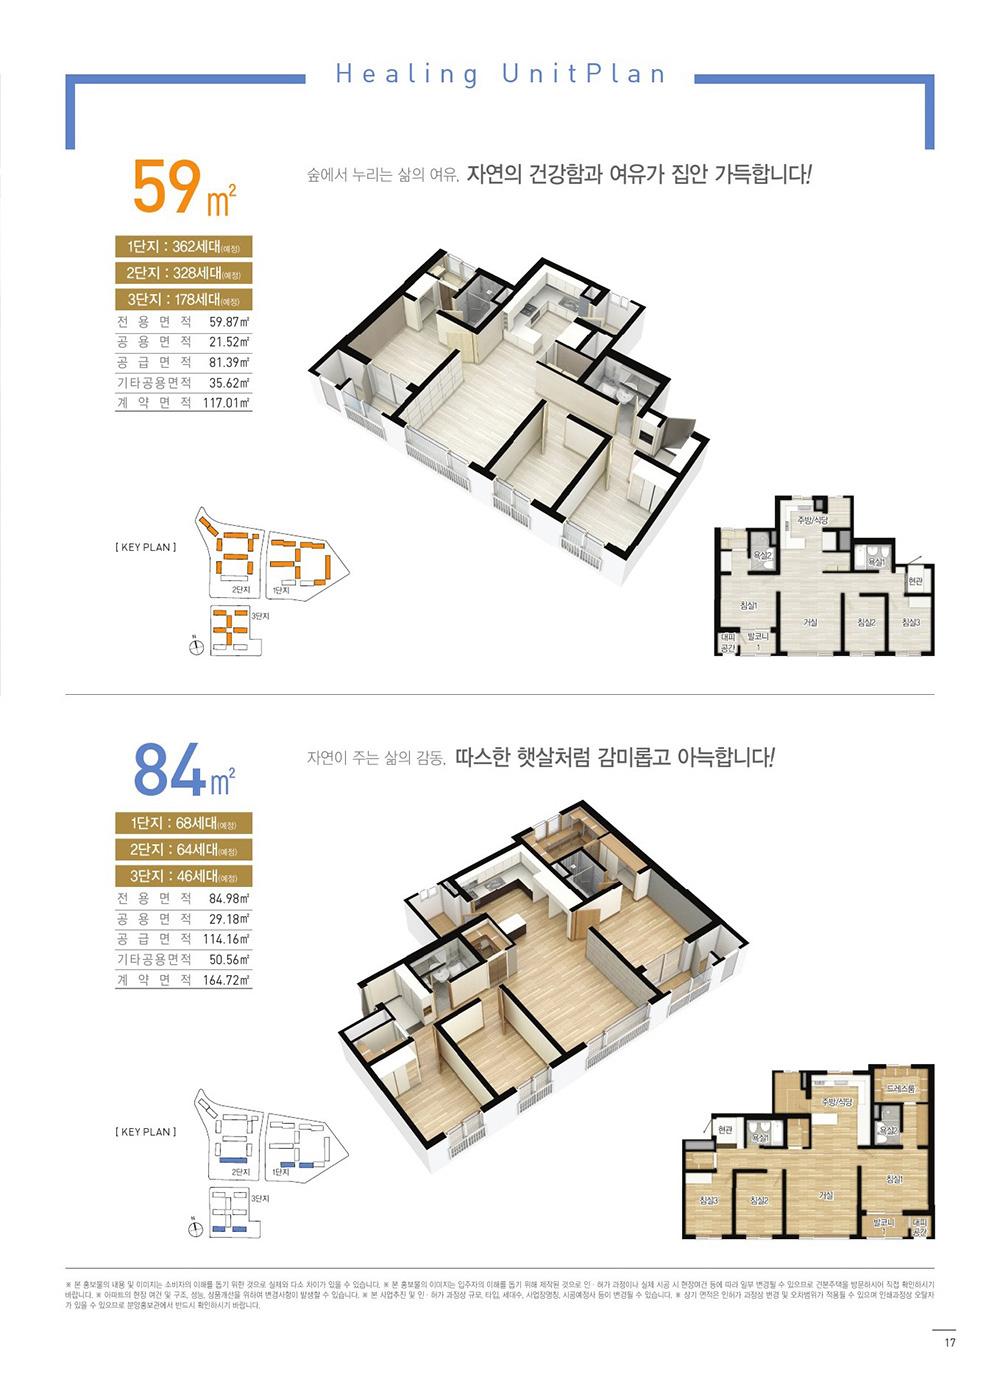 서울대입구역 파크로얄 파크뷰 유니트